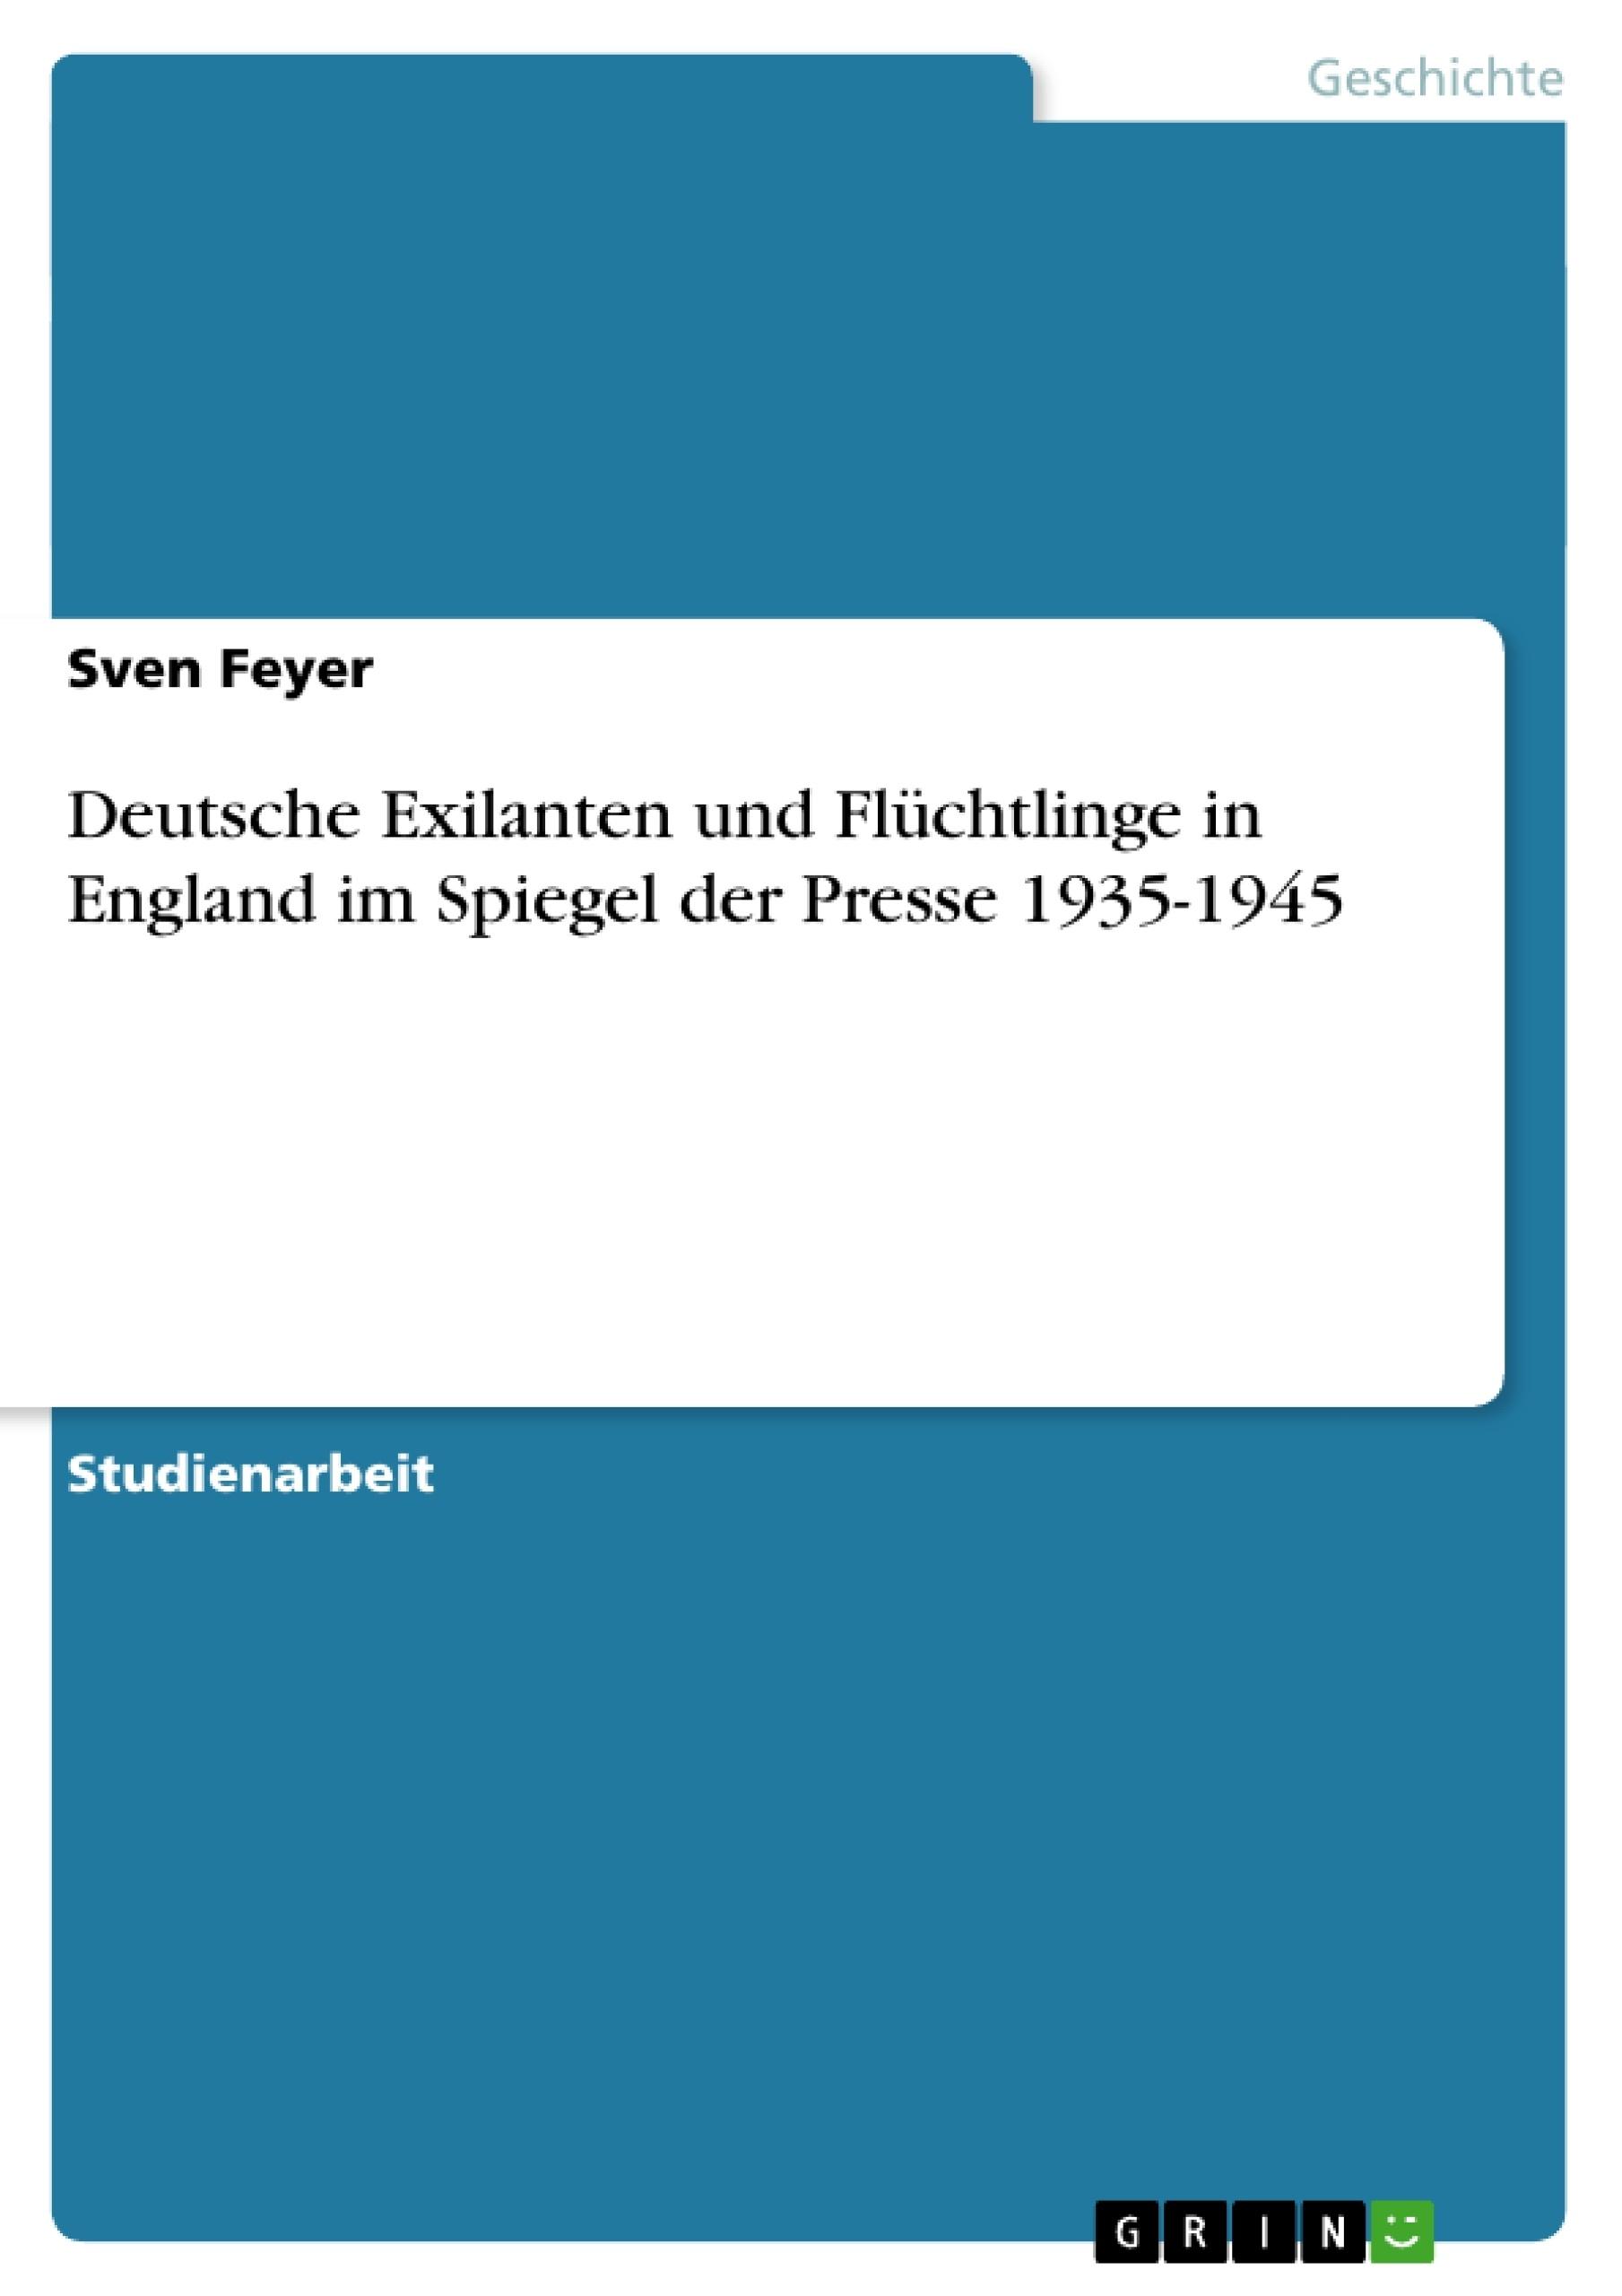 Titel: Deutsche Exilanten und Flüchtlinge in England im Spiegel der Presse 1935-1945